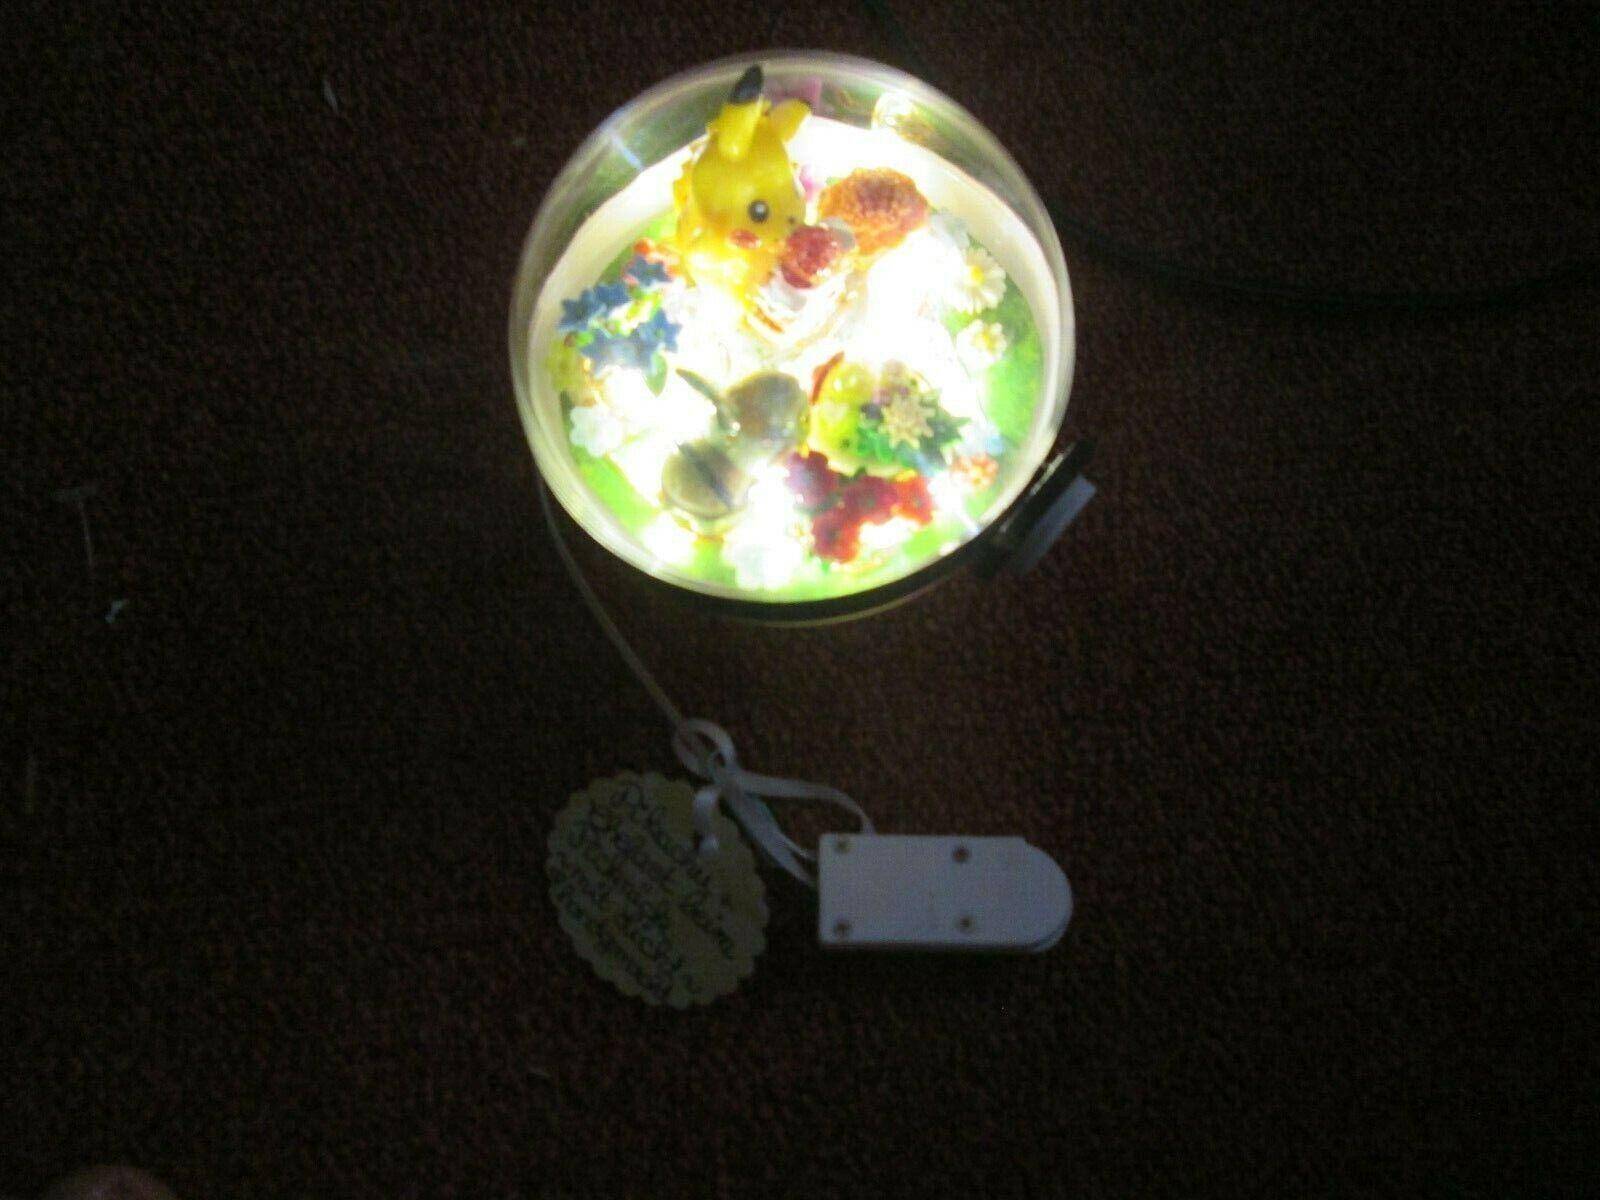 Pokemon 3D LED Licht Kristall Kugel Pikachu.Chelast Selber gemacht mit Licht